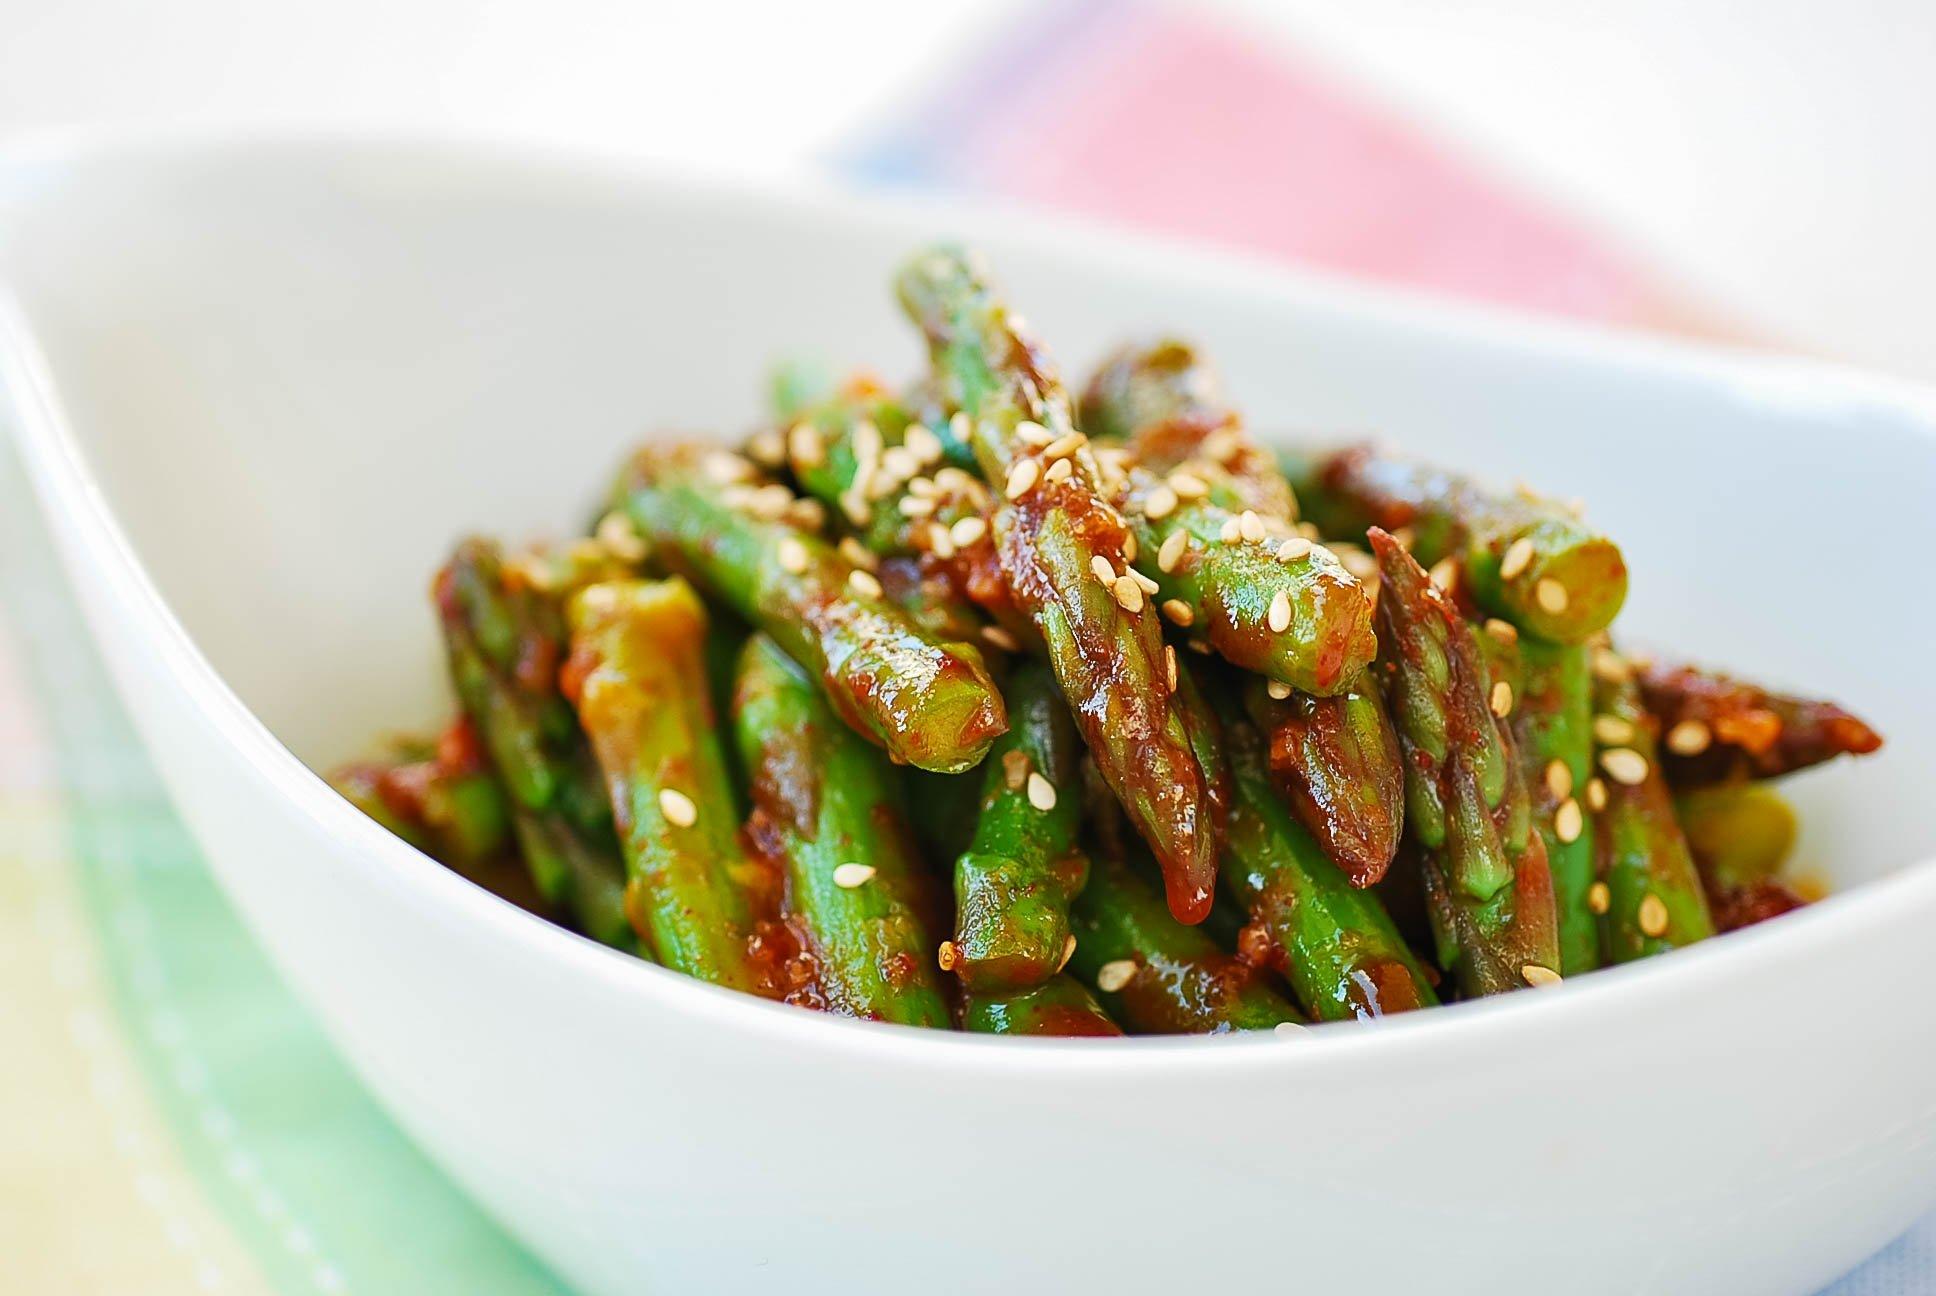 DSC 0815 - Asparagus with Gochujang Sauce